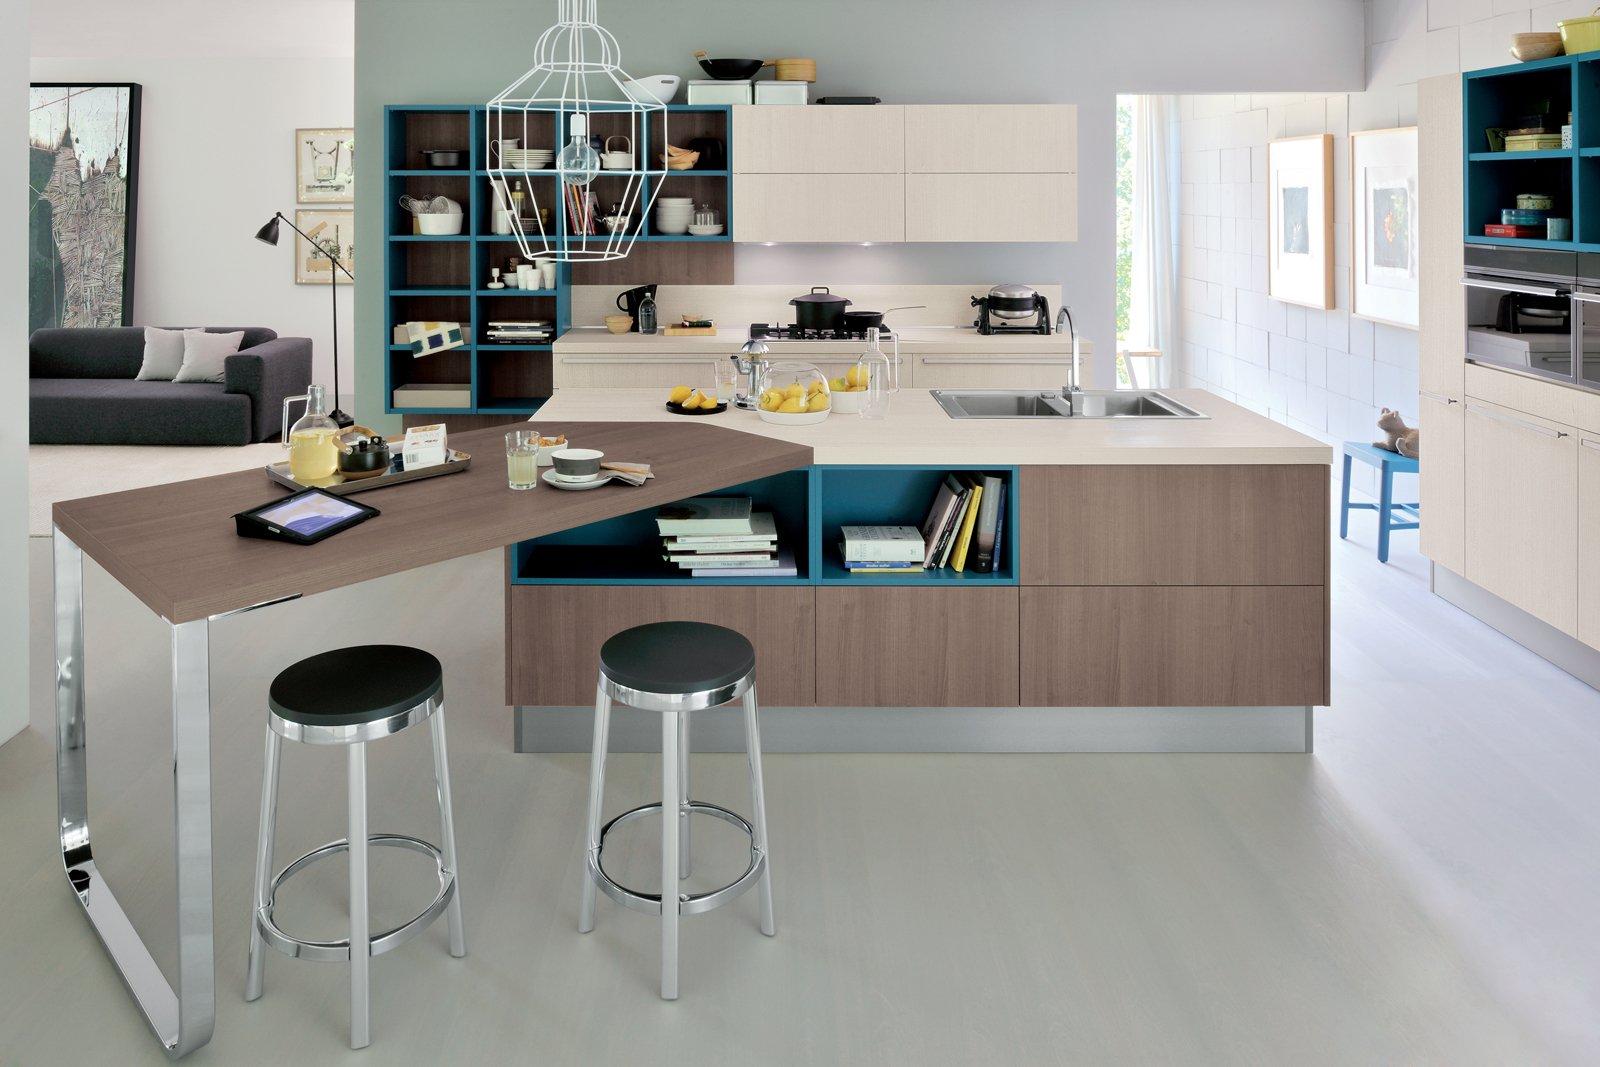 Cucine con grandi piani di lavoro cose di casa for Piani di casa di prossima generazione